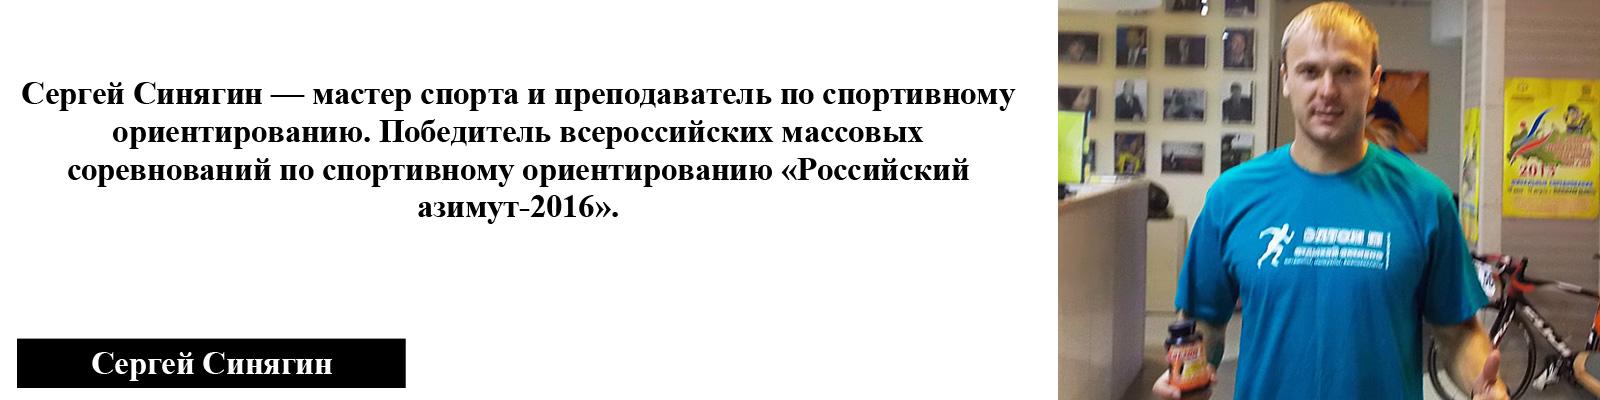 Сергей Синягин Мастер спорта по спортивному ориентированию